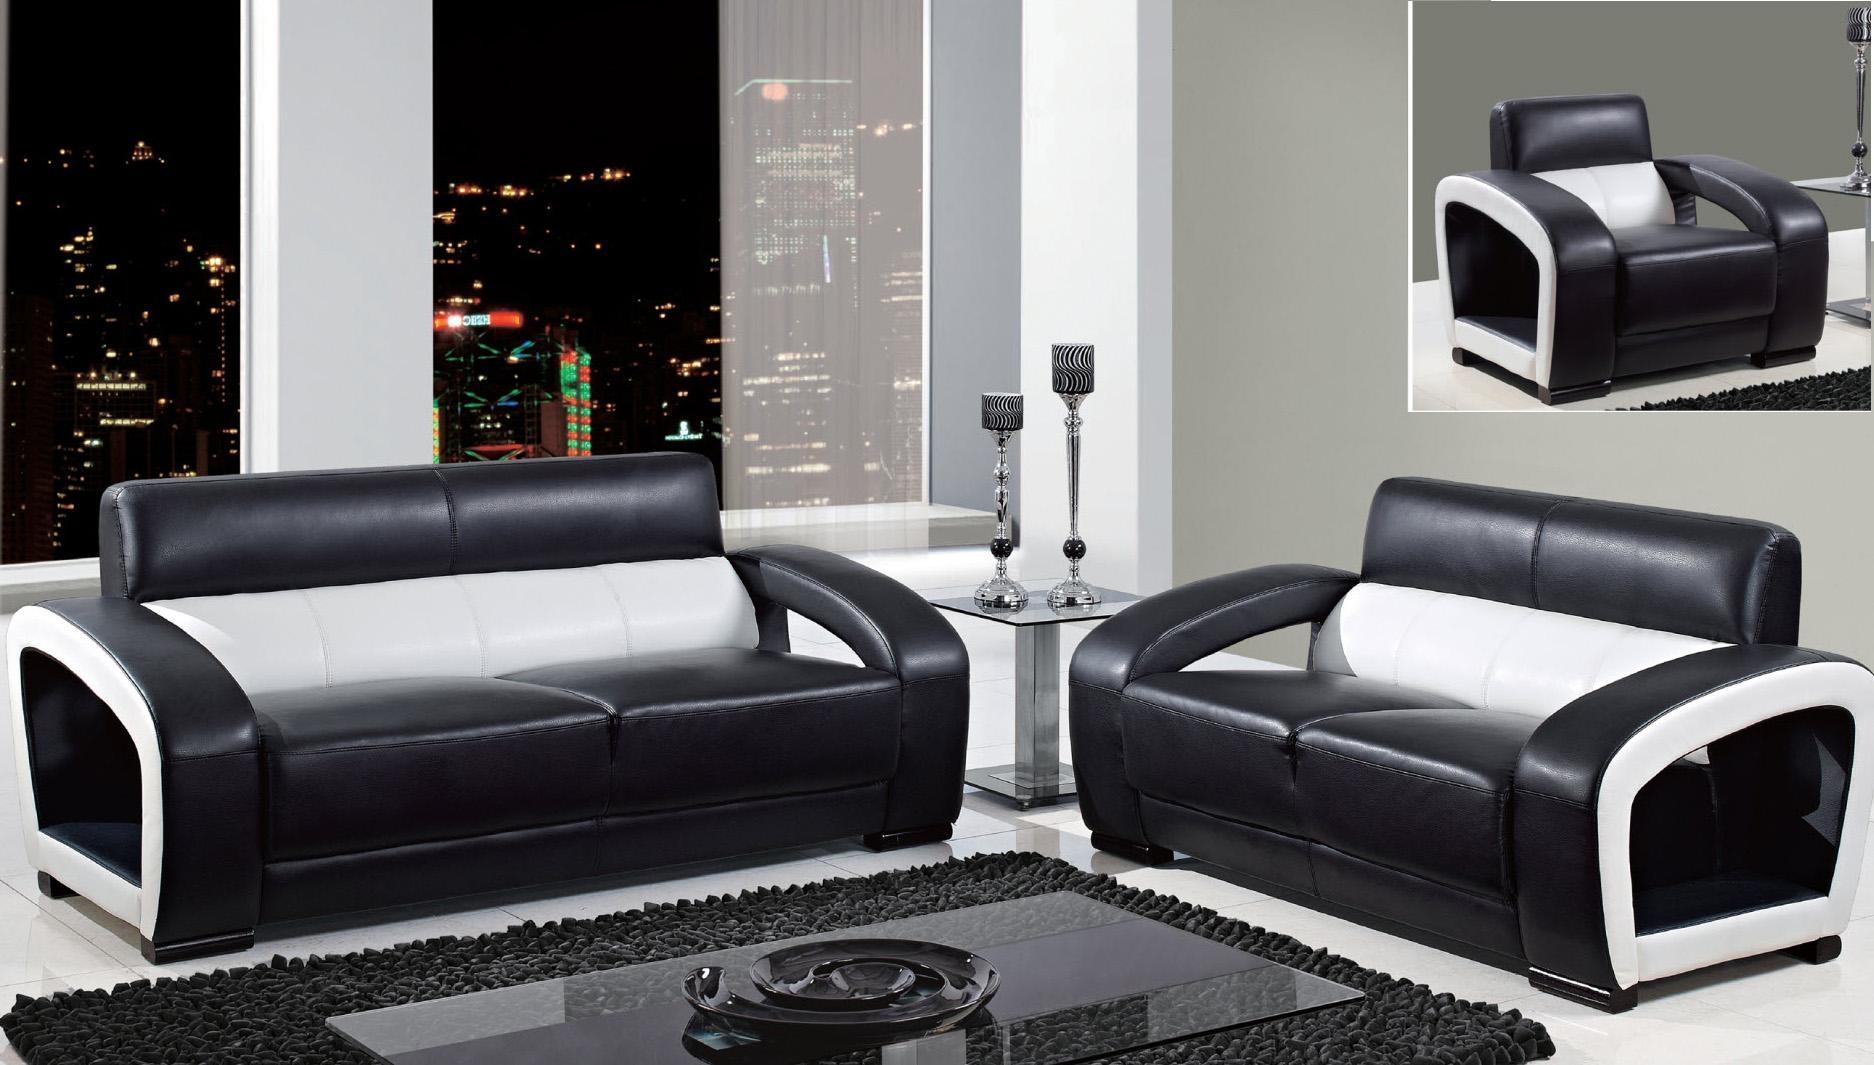 30 Imagens Para Te Inspirar Na Hora De Decorar A Sua Sala Neutral Regarding Sofas Black And White Colors (View 11 of 20)